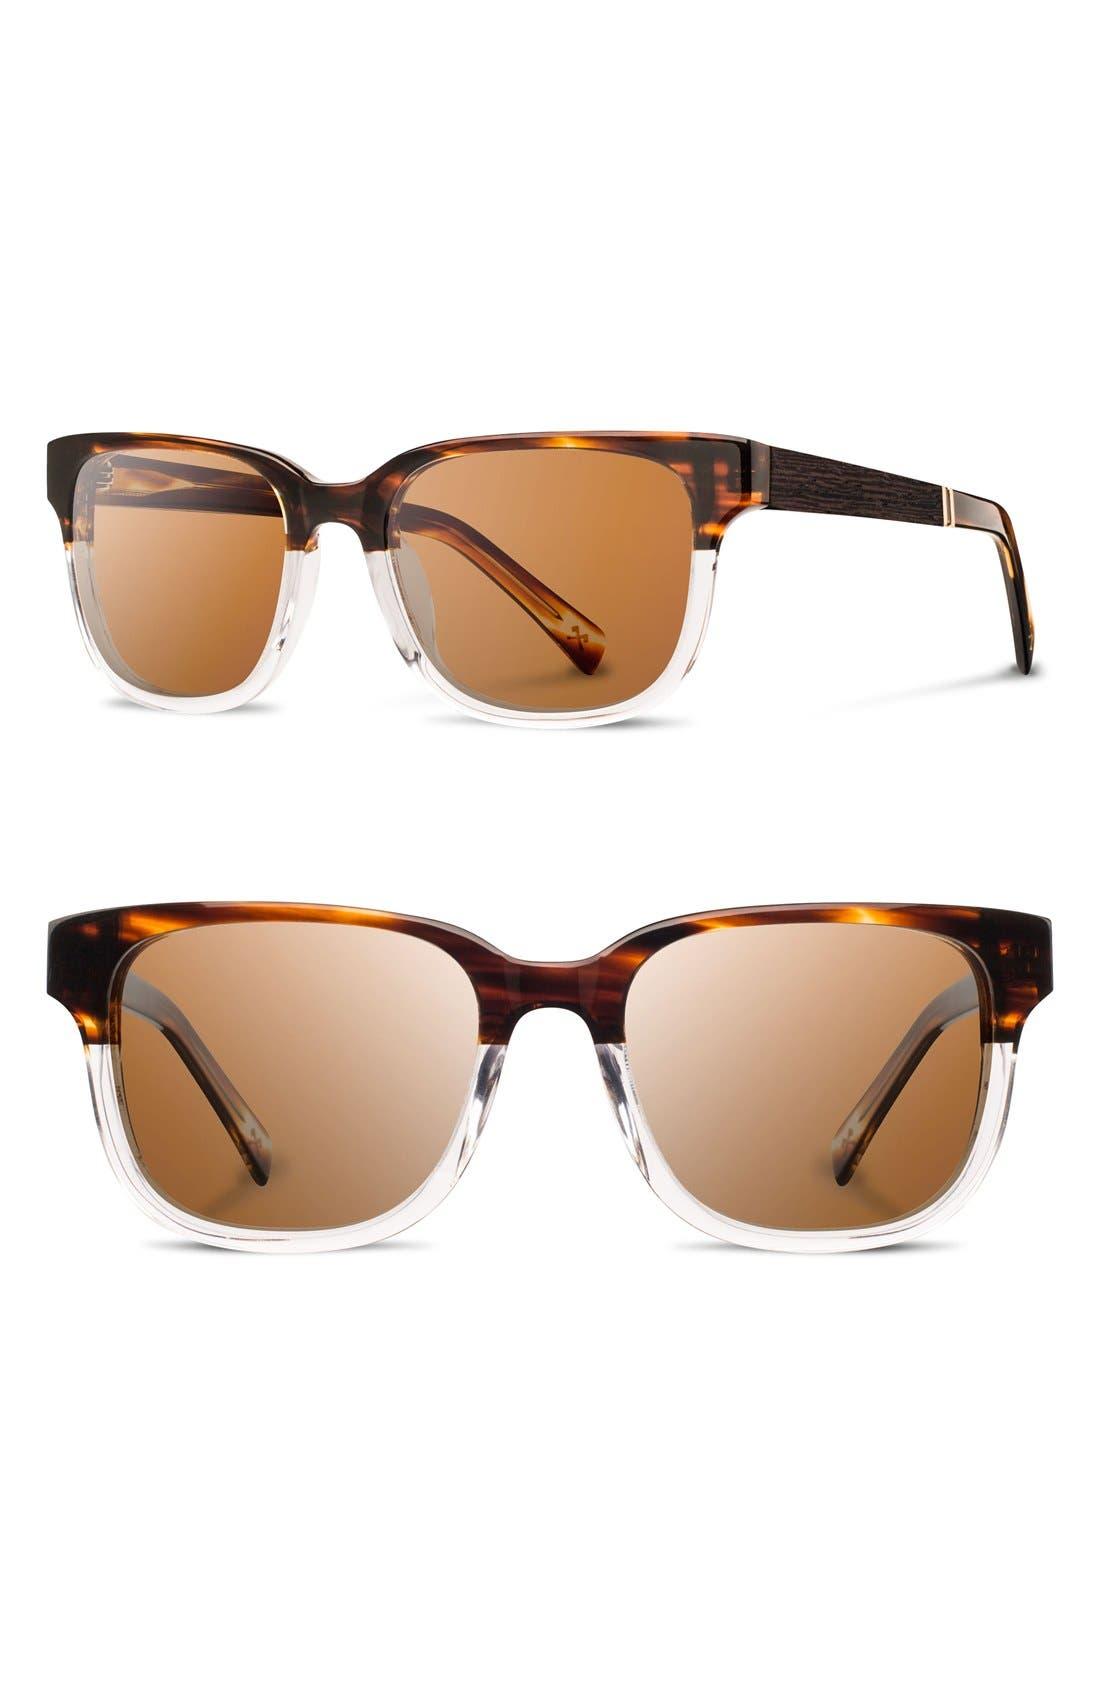 SHWOOD Prescott 52mm Acetate & Wood Sunglasses